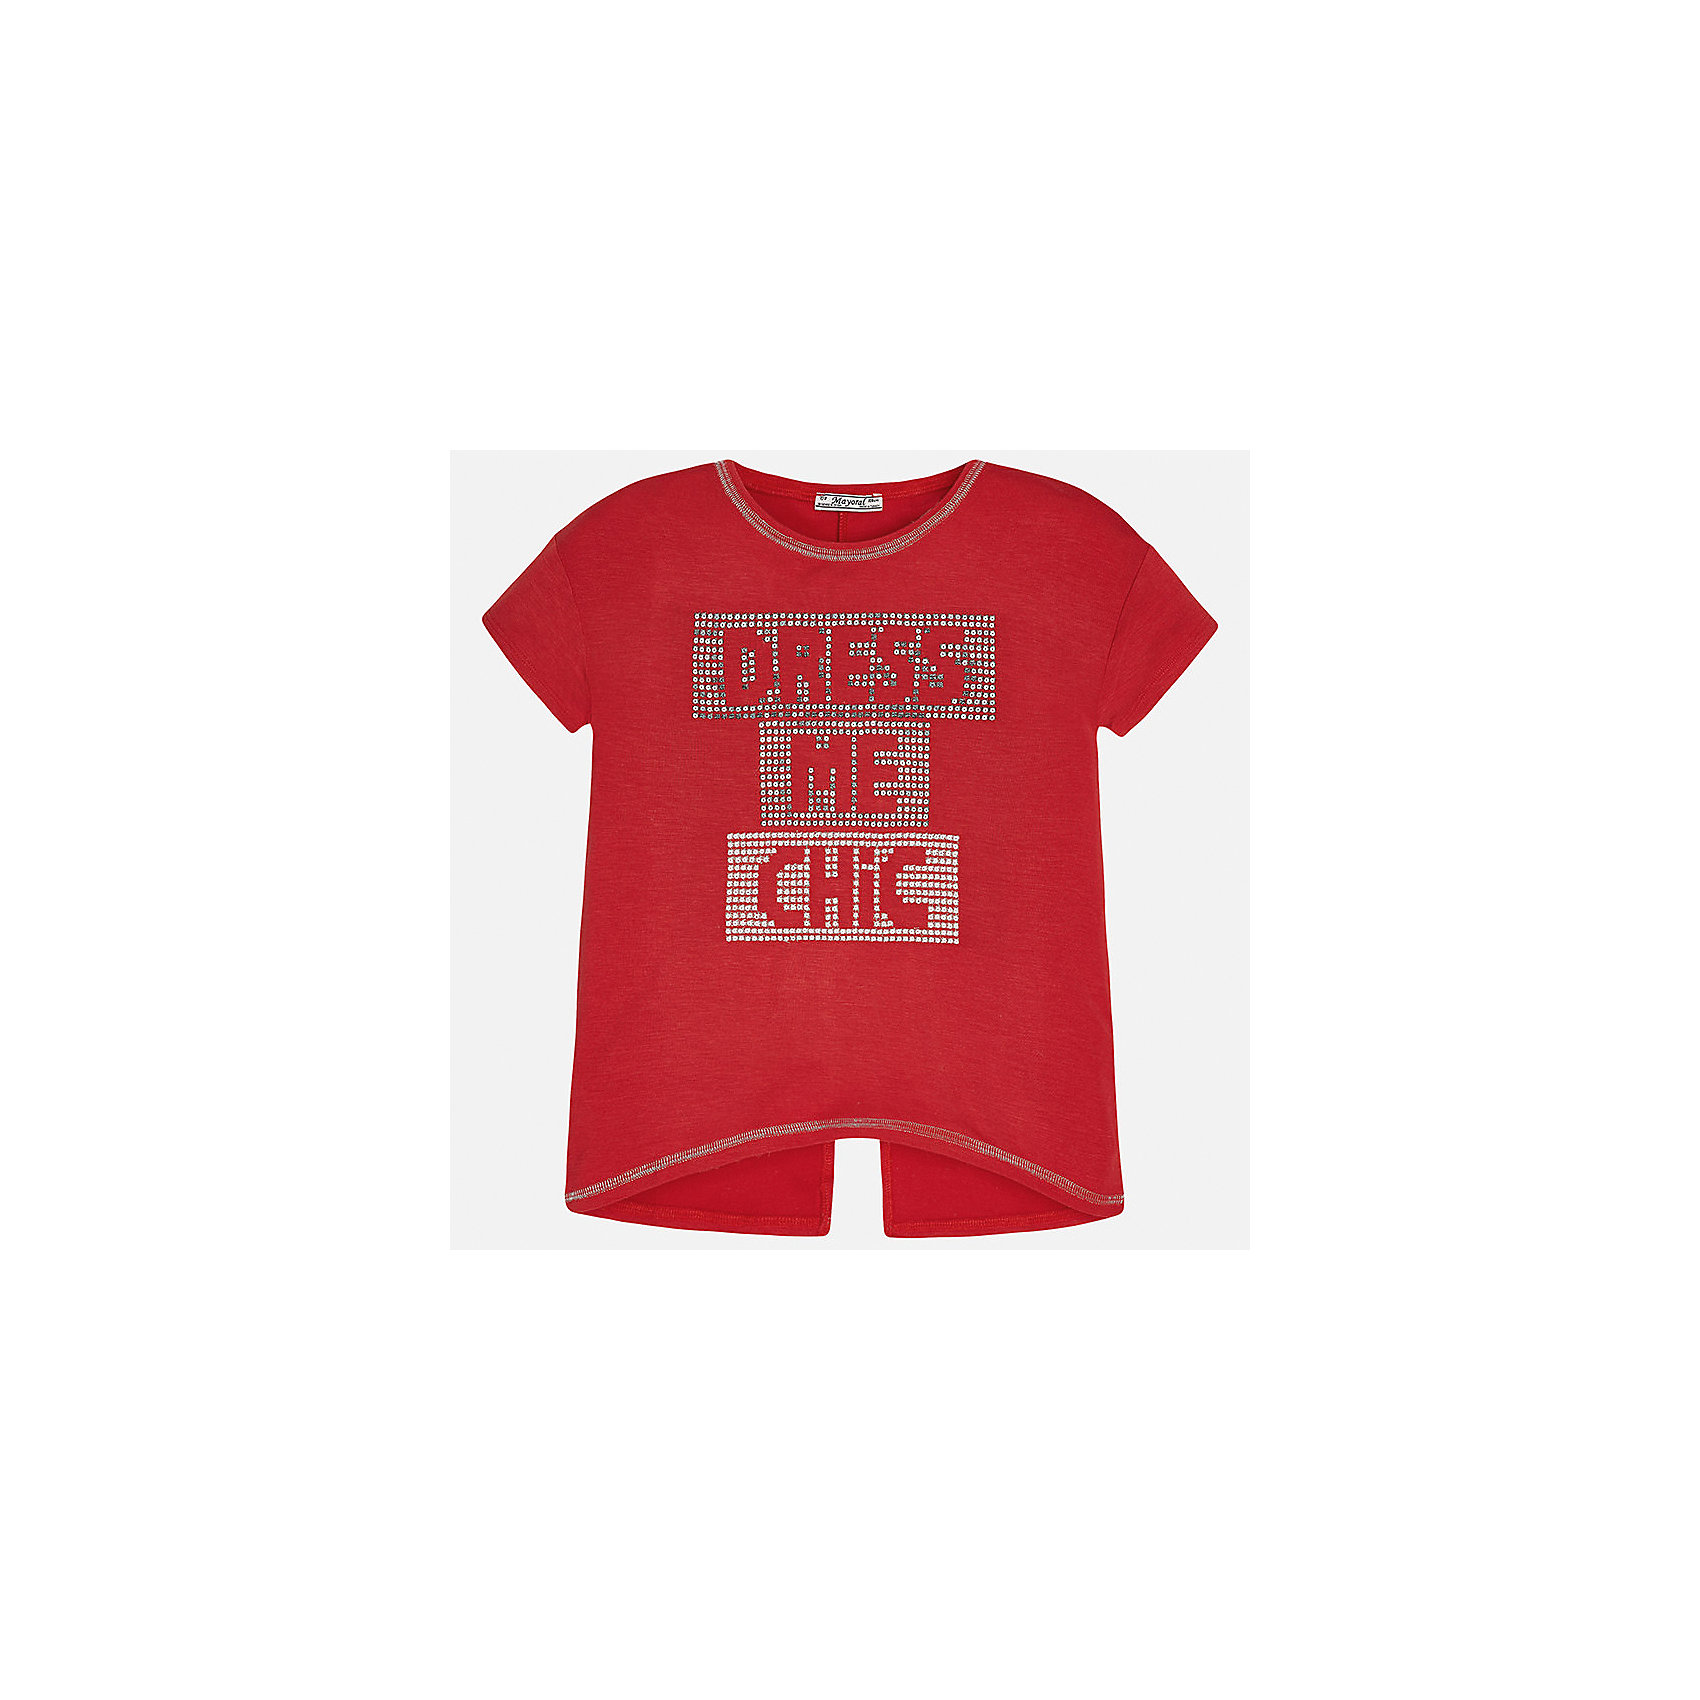 Футболка для девочки MayoralФутболки, поло и топы<br>Характеристики товара:<br><br>• цвет: красный<br>• состав: 95% вискоза, 5% эластан<br>• контрастная прострочка<br>• декорирована стразами<br>• короткие рукава<br>• разрез на спине<br>• страна бренда: Испания<br><br>Стильная оригинальная футболка для девочки поможет разнообразить гардероб ребенка и украсить наряд. Она отлично сочетается и с юбками, и с шортами, и с брюками. Универсальный цвет позволяет подобрать к вещи низ практически любой расцветки. Интересная отделка модели делает её нарядной и оригинальной. <br><br>Одежда, обувь и аксессуары от испанского бренда Mayoral полюбились детям и взрослым по всему миру. Модели этой марки - стильные и удобные. Для их производства используются только безопасные, качественные материалы и фурнитура. Порадуйте ребенка модными и красивыми вещами от Mayoral! <br><br>Футболку для девочки от испанского бренда Mayoral (Майорал) можно купить в нашем интернет-магазине.<br><br>Ширина мм: 199<br>Глубина мм: 10<br>Высота мм: 161<br>Вес г: 151<br>Цвет: красный<br>Возраст от месяцев: 84<br>Возраст до месяцев: 96<br>Пол: Женский<br>Возраст: Детский<br>Размер: 164,158,152,140,128/134,170<br>SKU: 5300772